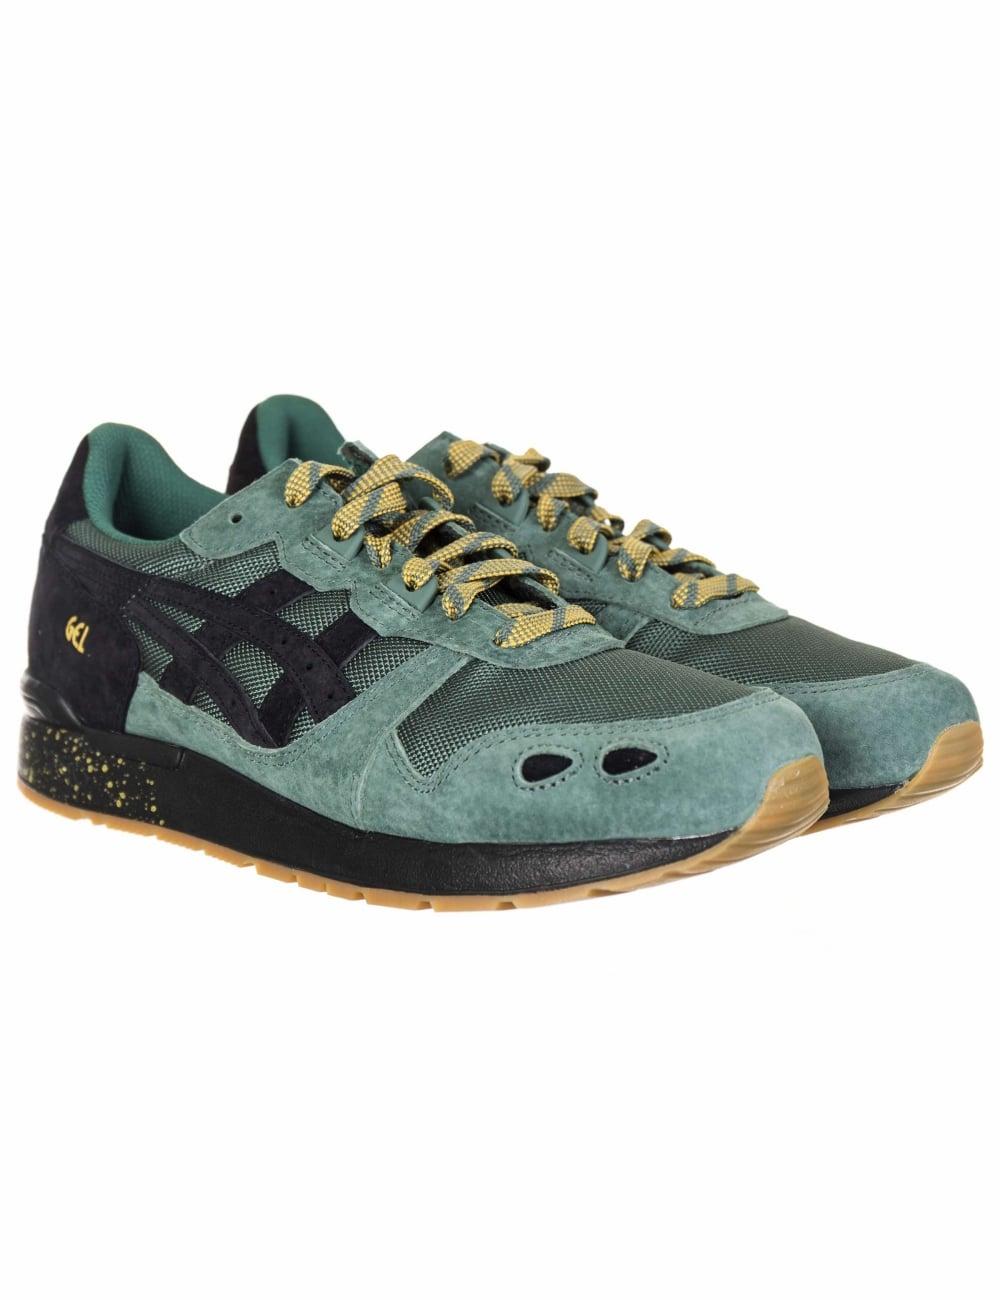 buy popular 3c76b 4c765 Gel Lyte Shoes - Dark Forest/Black